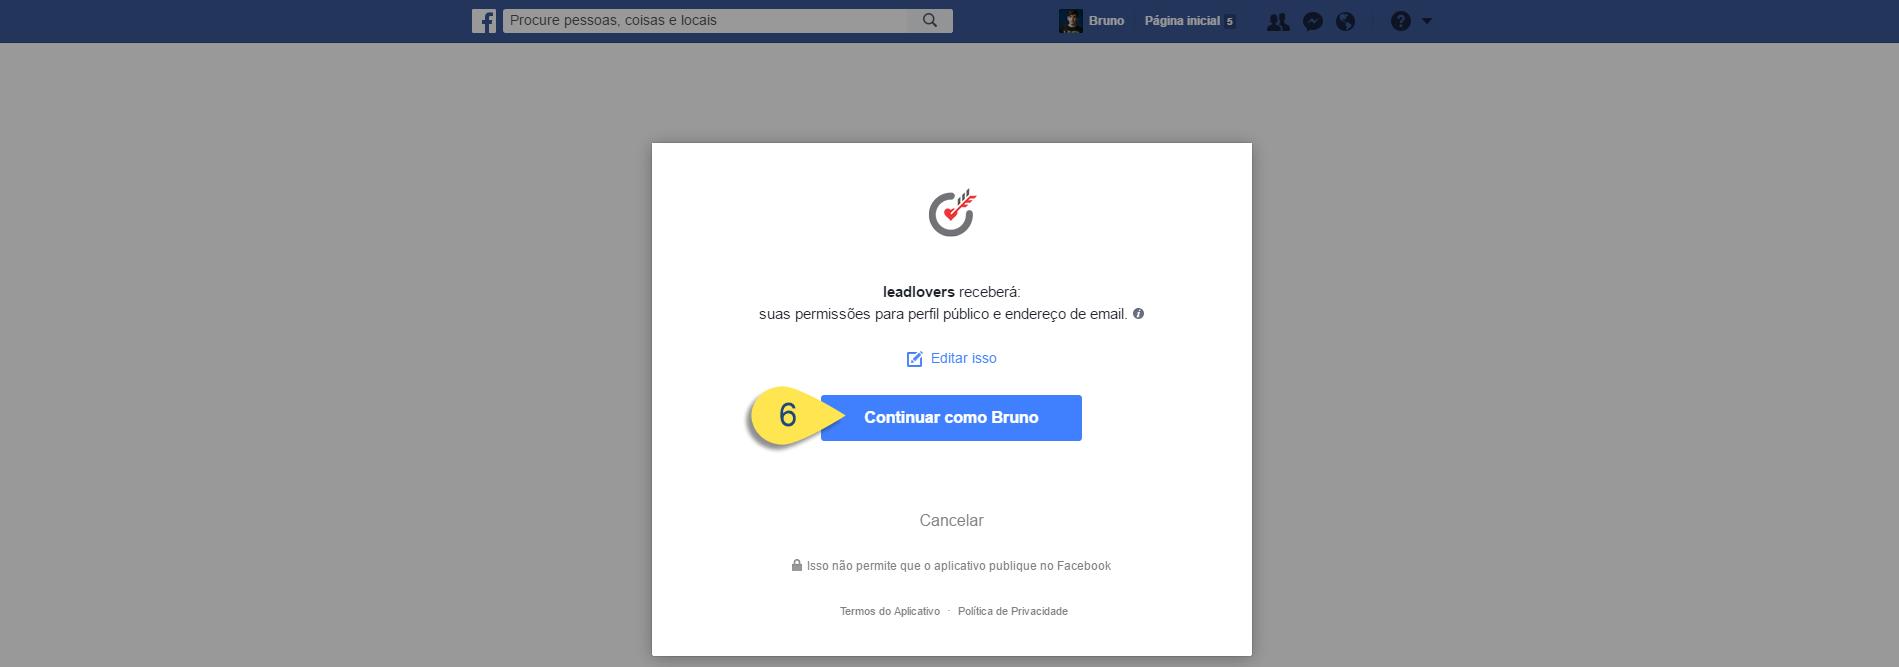 como capturar leads por comentários no Facebook